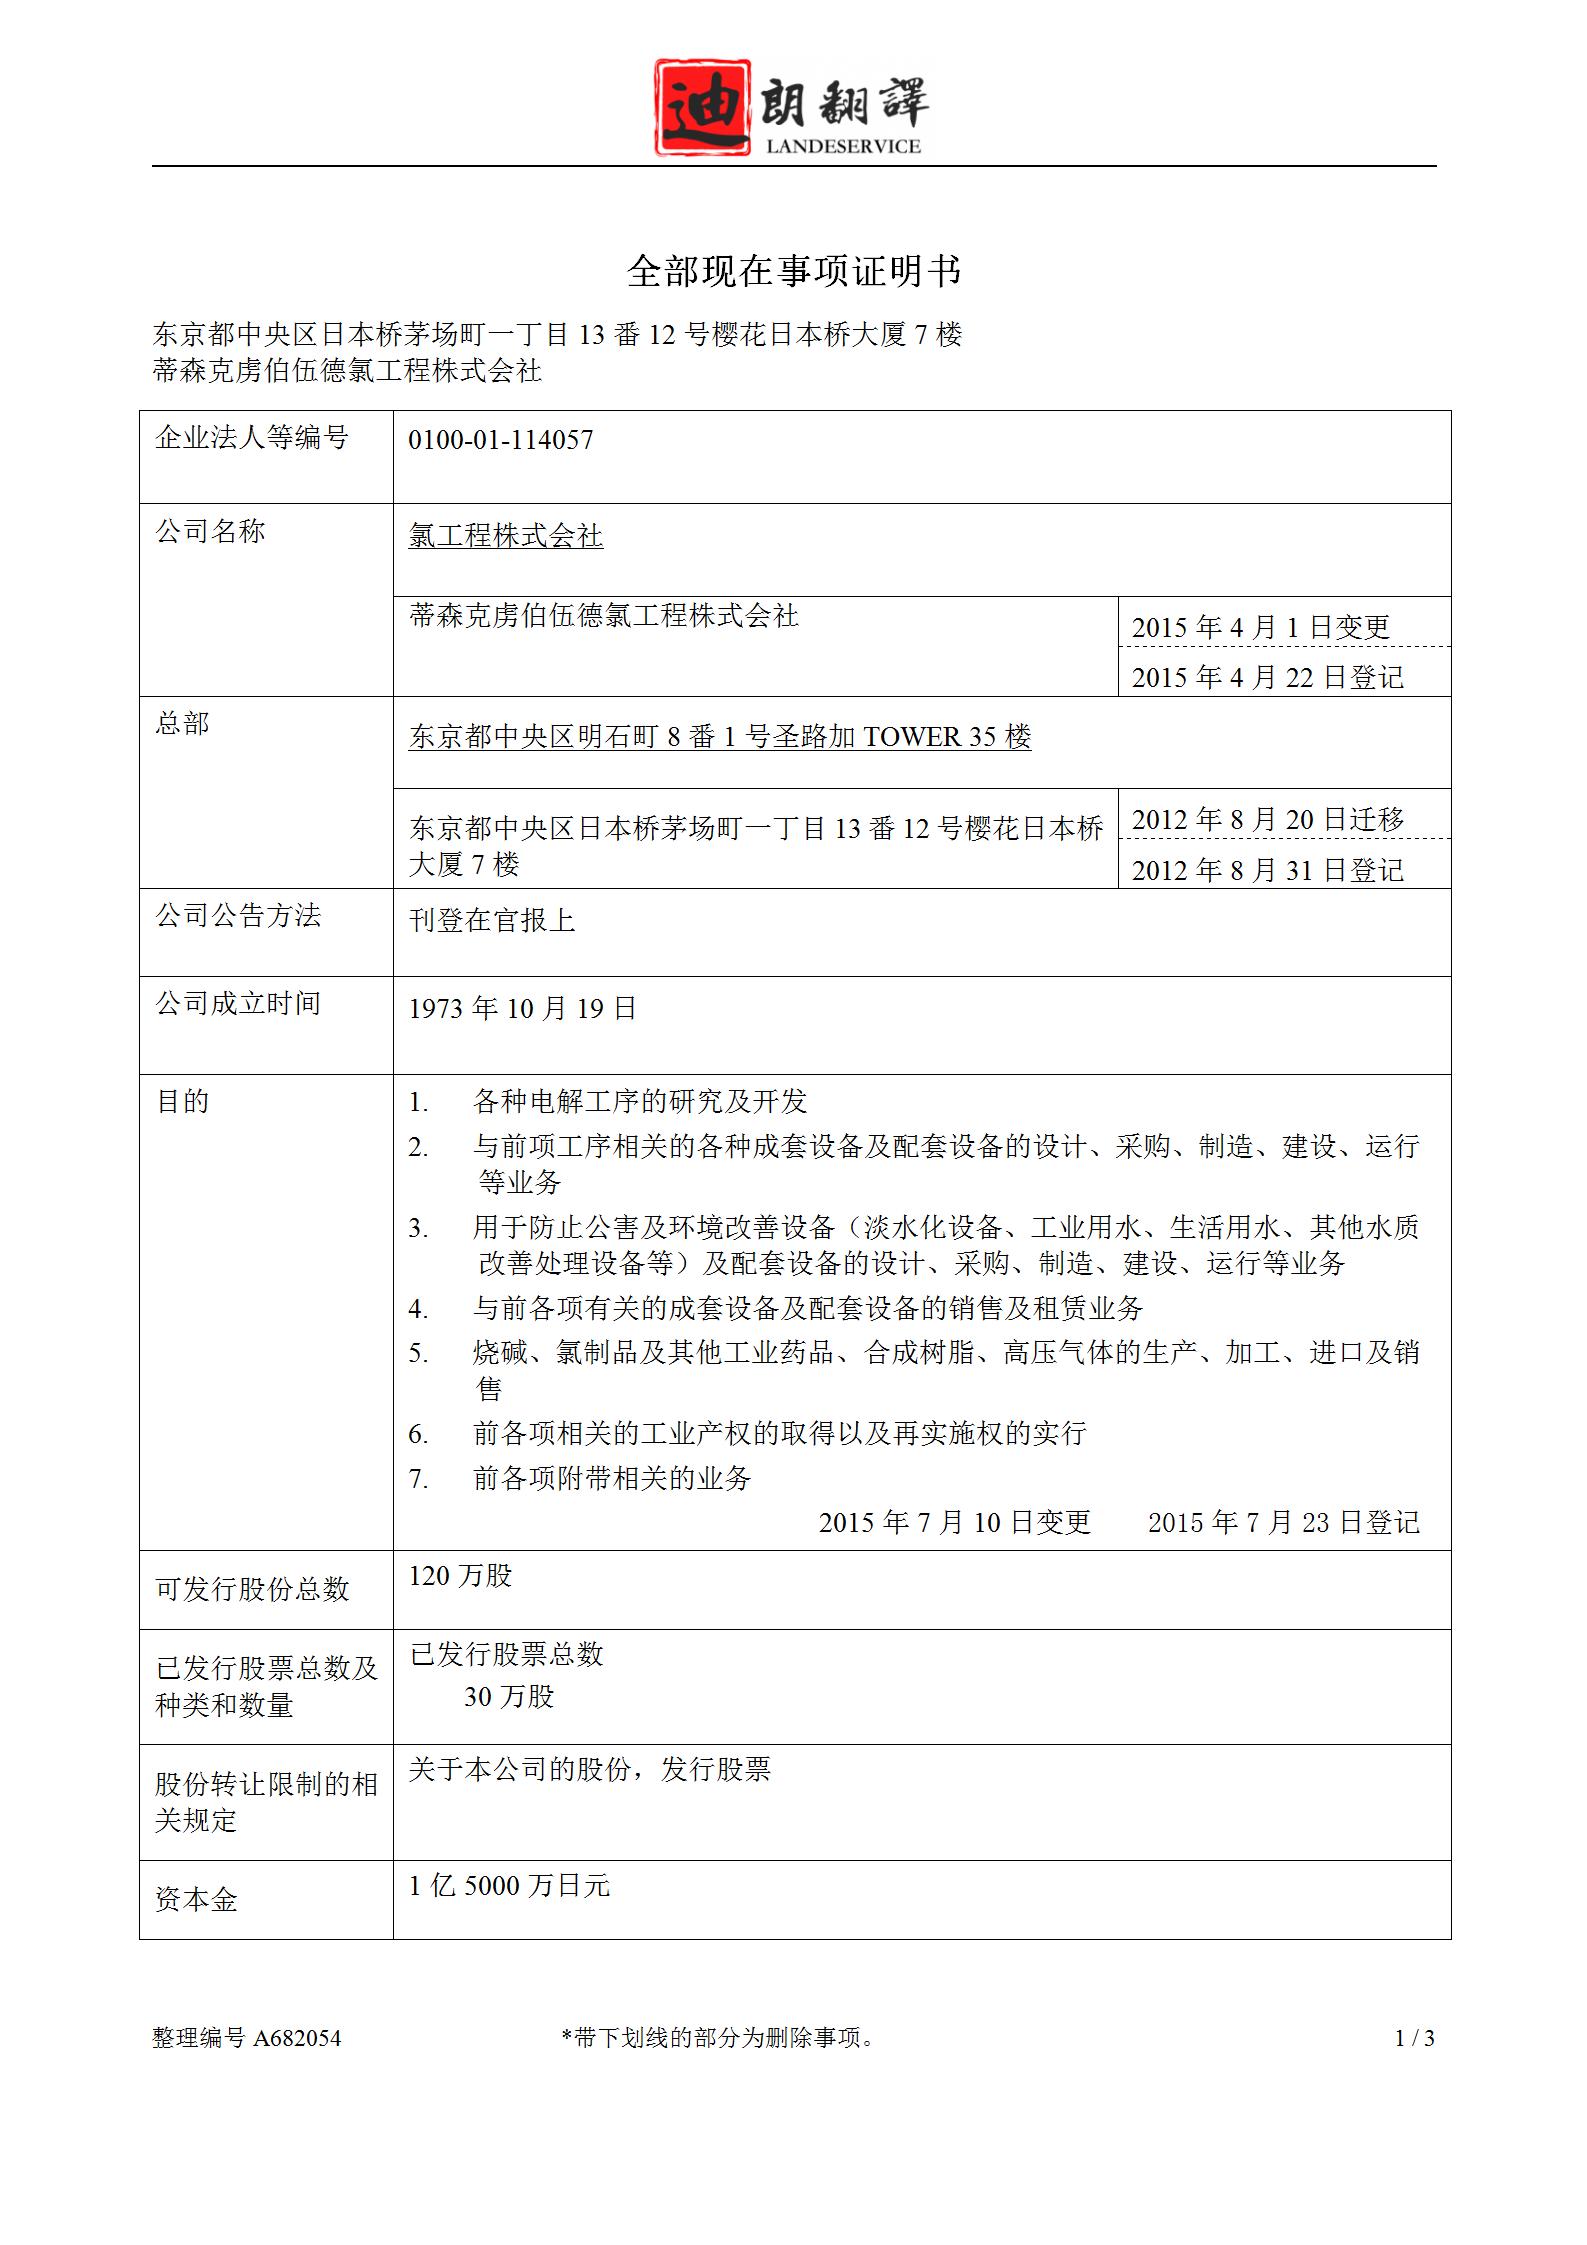 210526 营业执照 UCEJ to 迪朗jp 译文 01 - 日本营业执照(全部事项证明书)翻译认证盖章